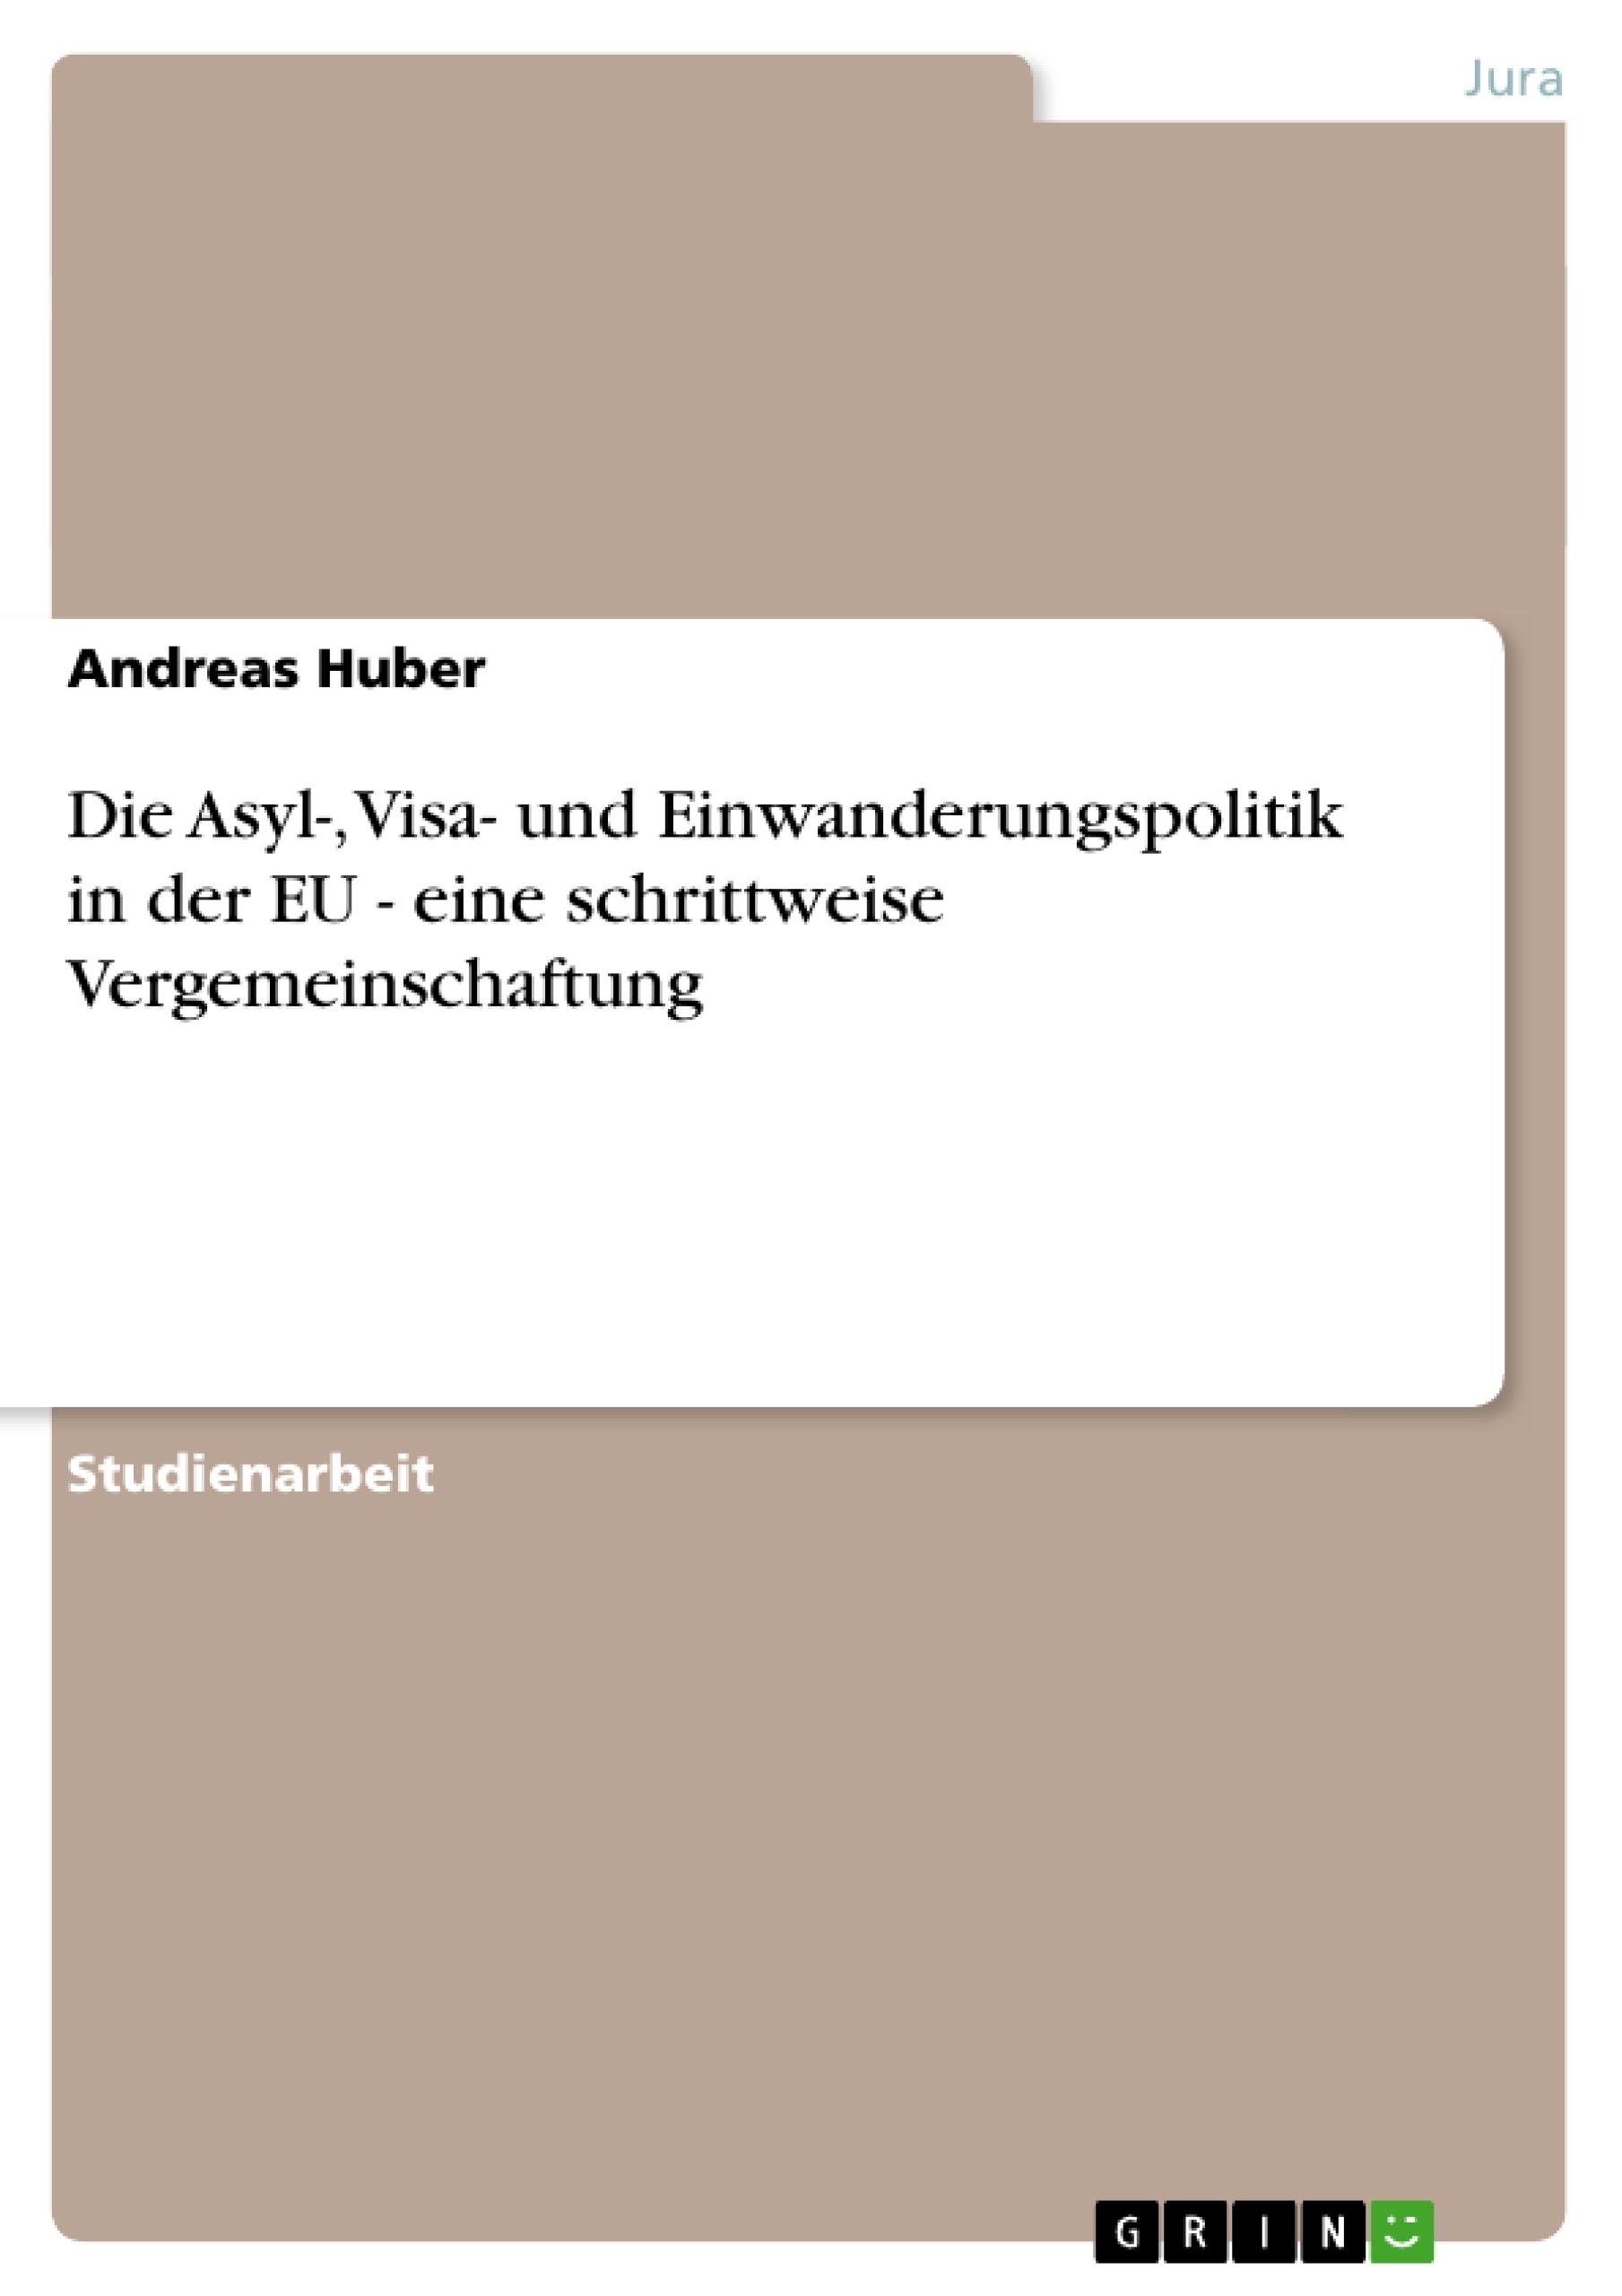 Titel: Die Asyl-, Visa- und Einwanderungspolitik in der EU -  eine schrittweise Vergemeinschaftung